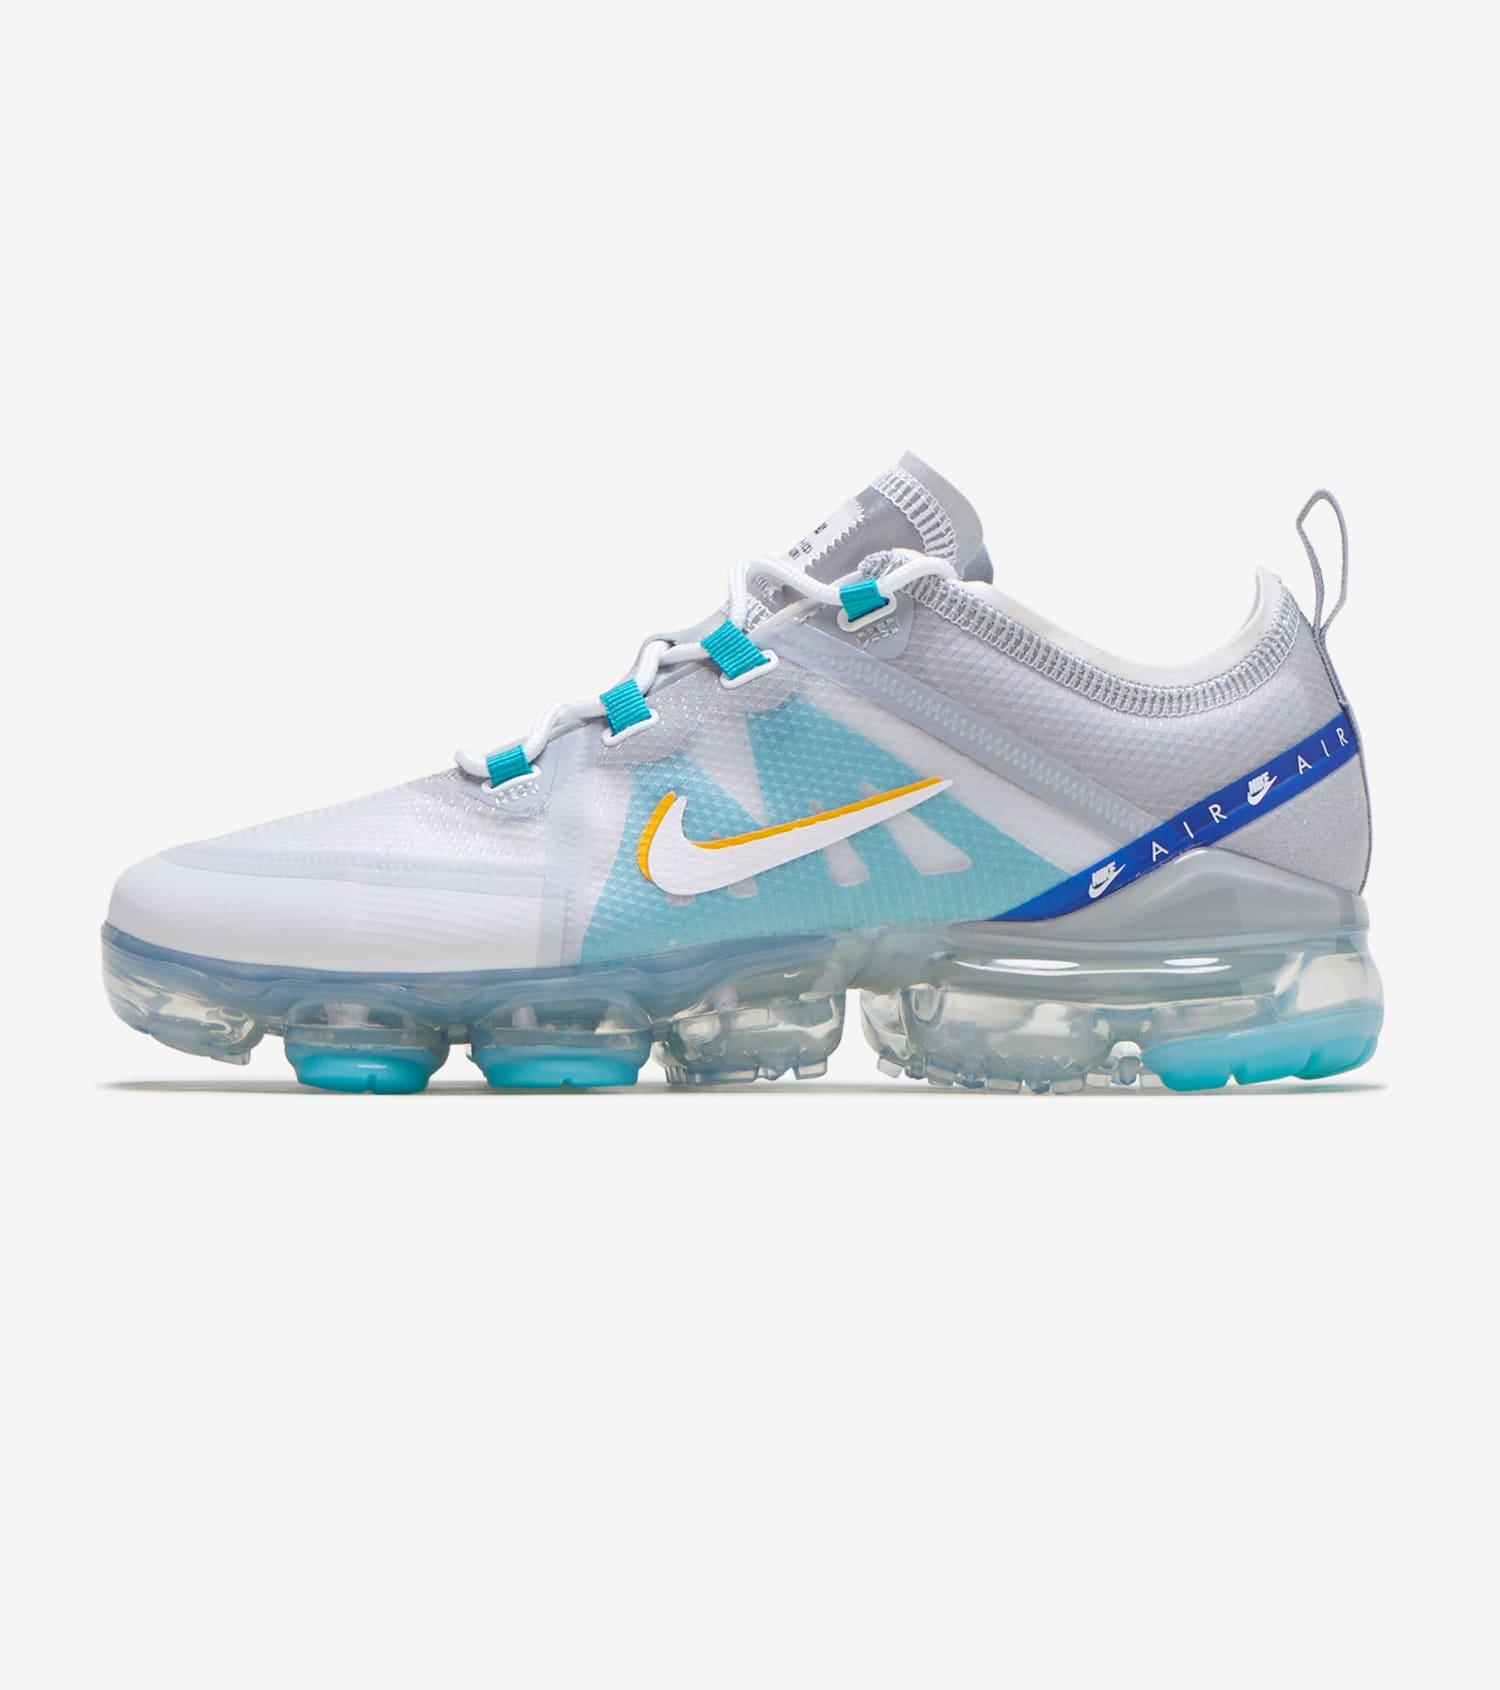 new concept 8ddc7 90e83 Vapormax 2019 Sneaker